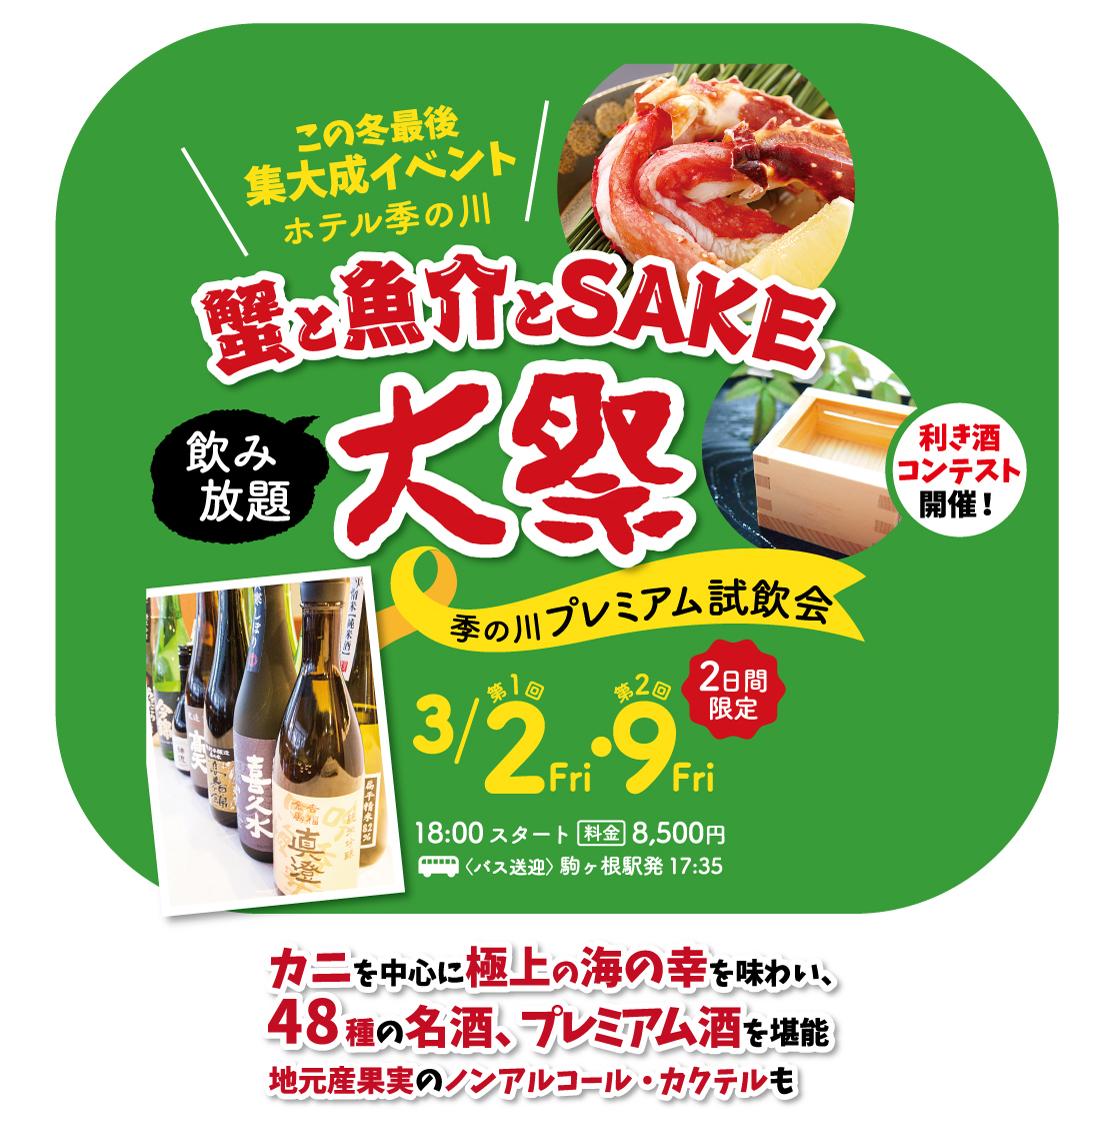 http://www.komagane-linx.co.jp/blogimages/006_%E3%82%BF%E3%82%A4%E3%83%88%E3%83%AB.jpg